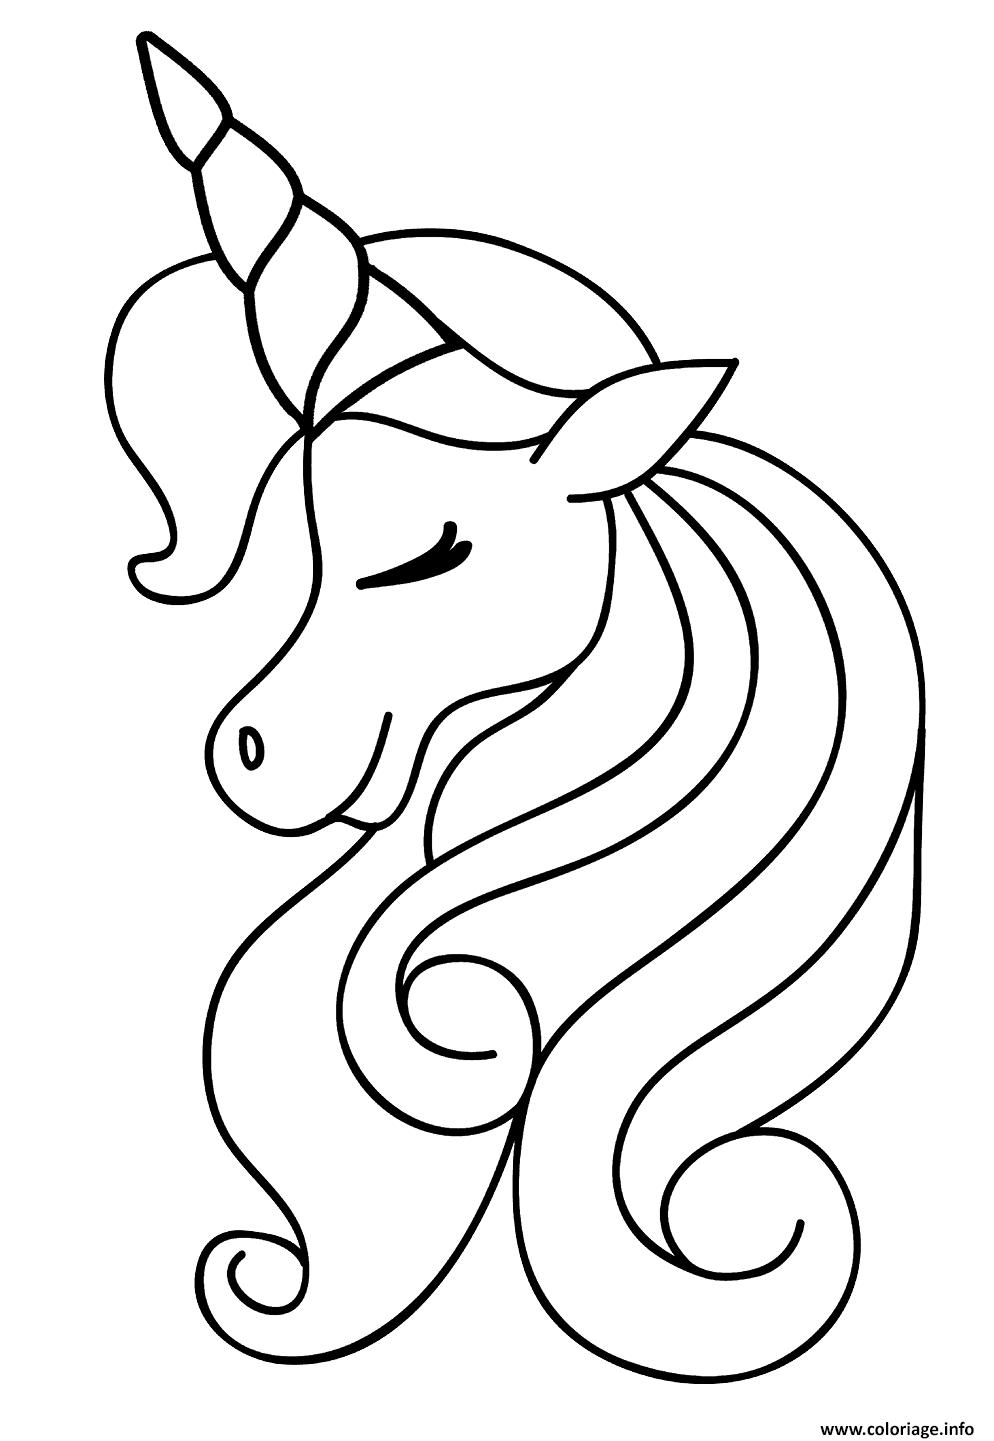 Dessin licorne magique beaute princesse Coloriage Gratuit à Imprimer